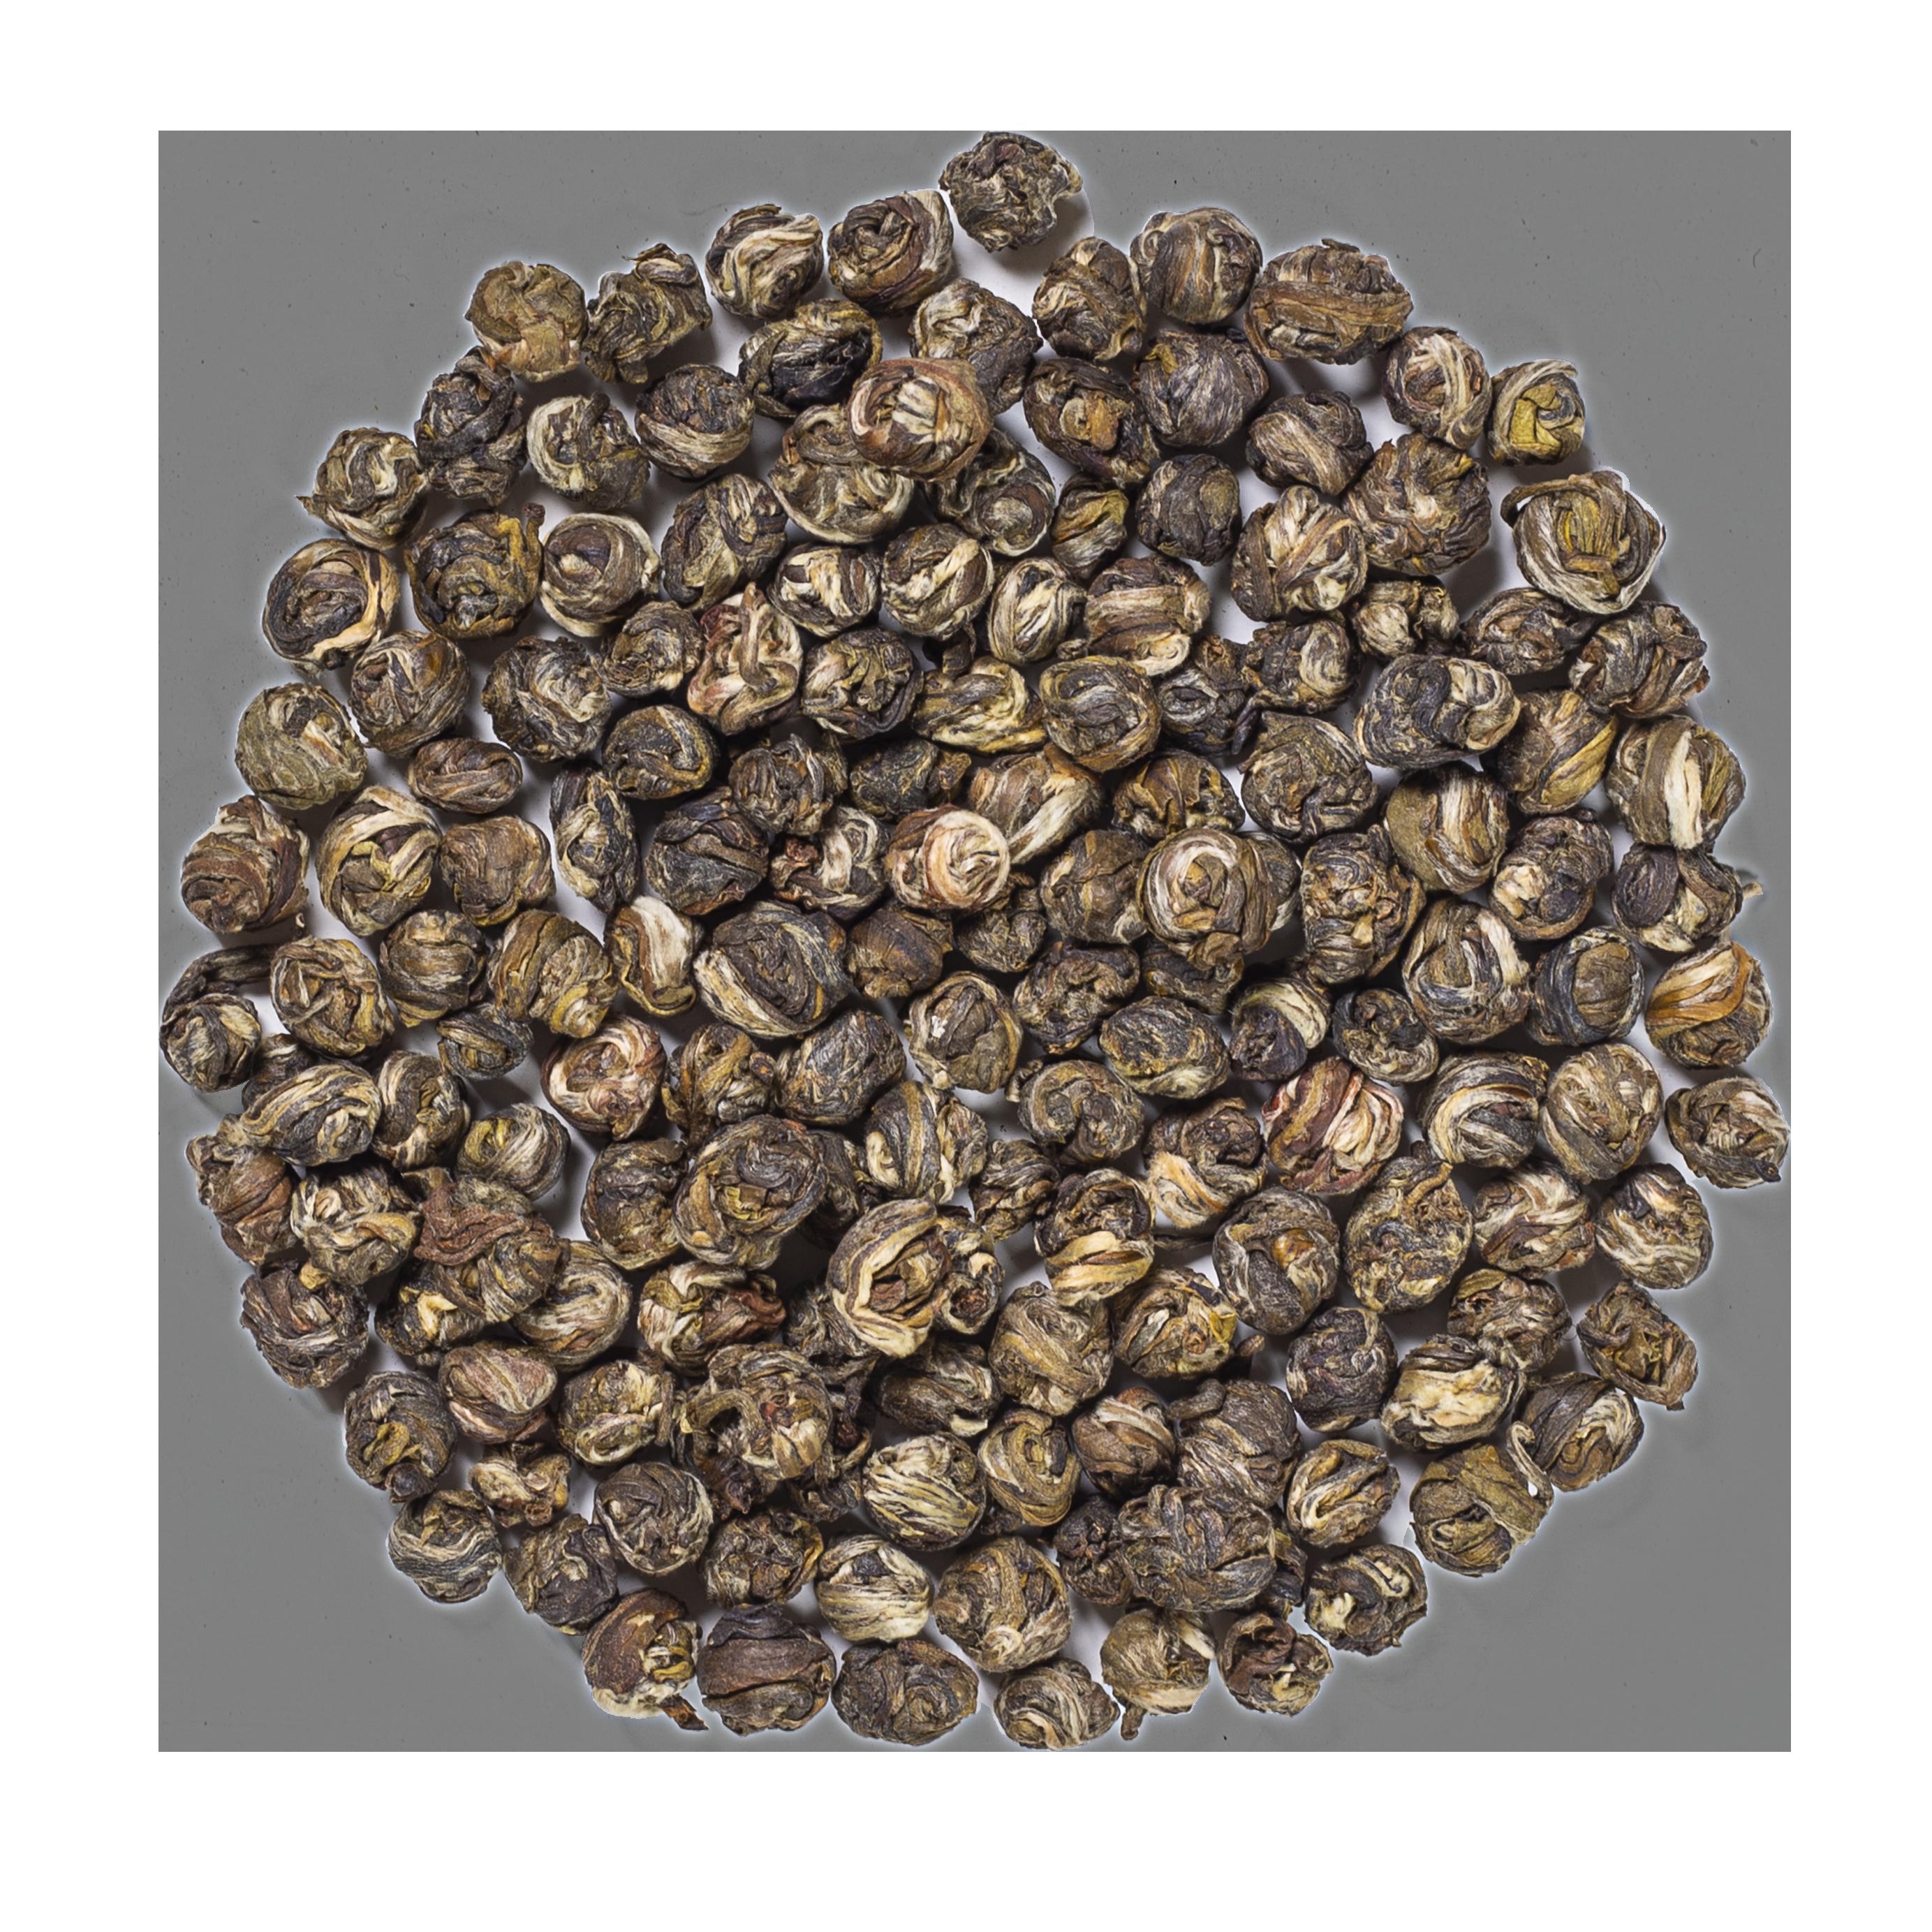 Perles de Jade au Jasmin bio - Thé vert de Chine, Jasmin - Thé en vrac - Kusmi Tea